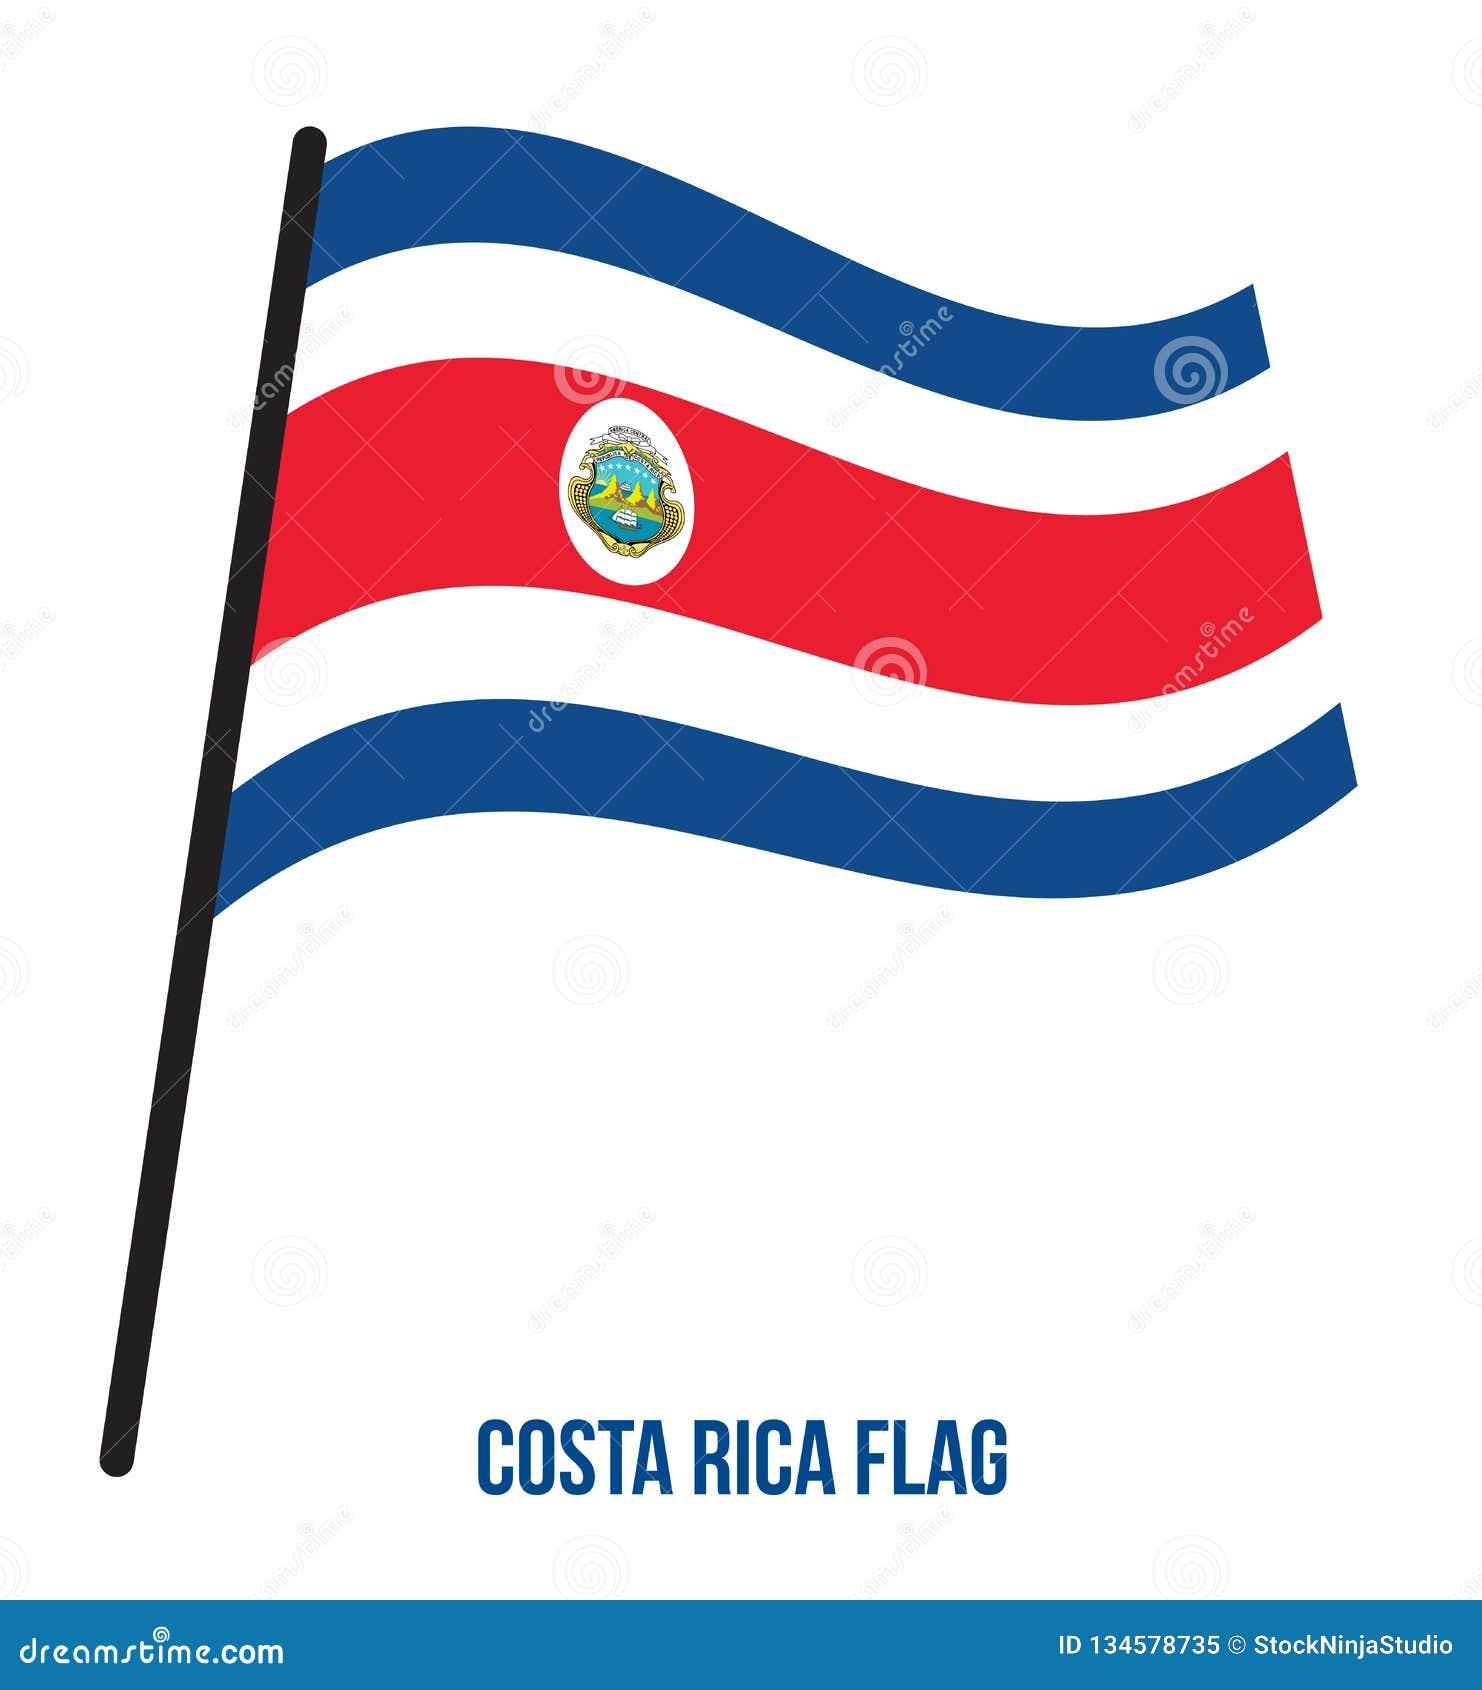 Costa Rica Flag Waving Vector Illustration på vit bakgrund Costa Rica National Flag